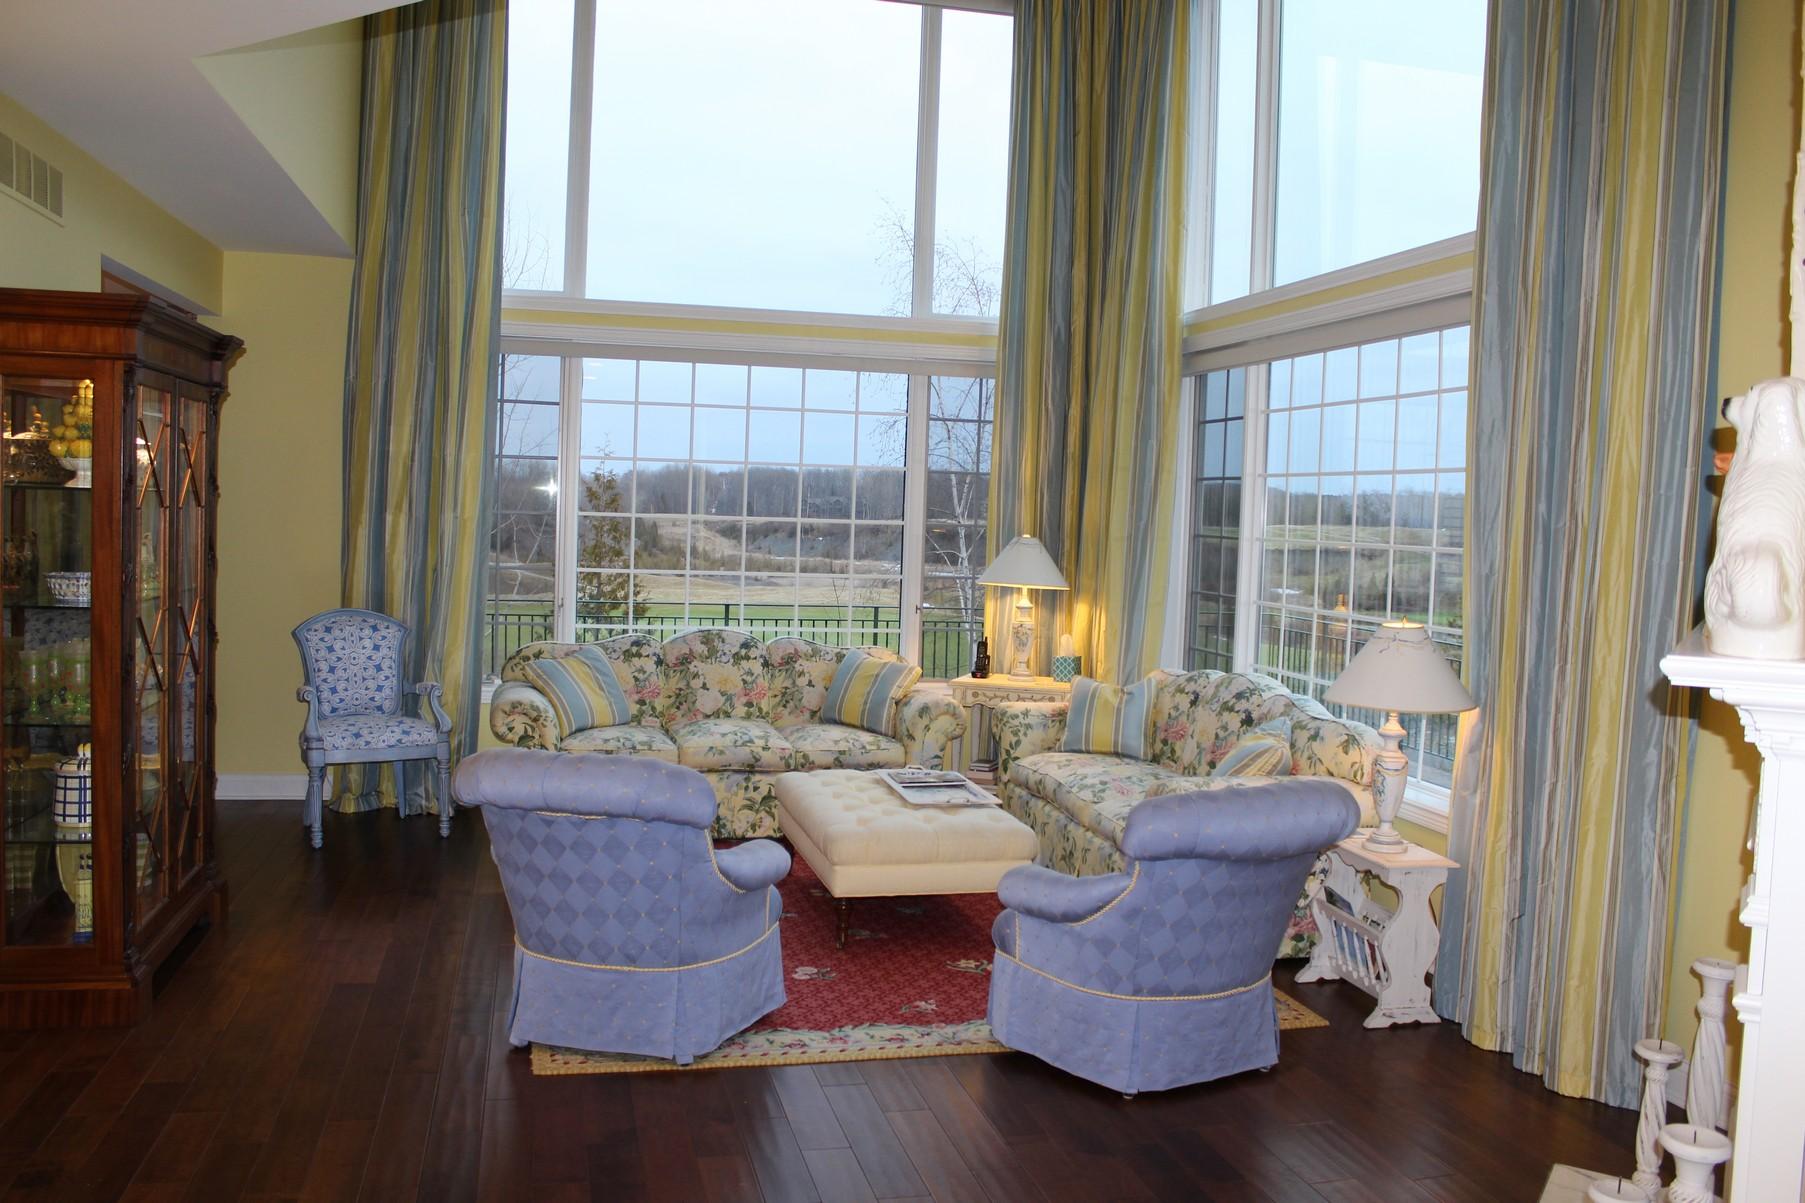 Condominium for Sale at Stylish Golf Course Condo 1210 Aspen Way Bay Harbor, Michigan, 49770 United States